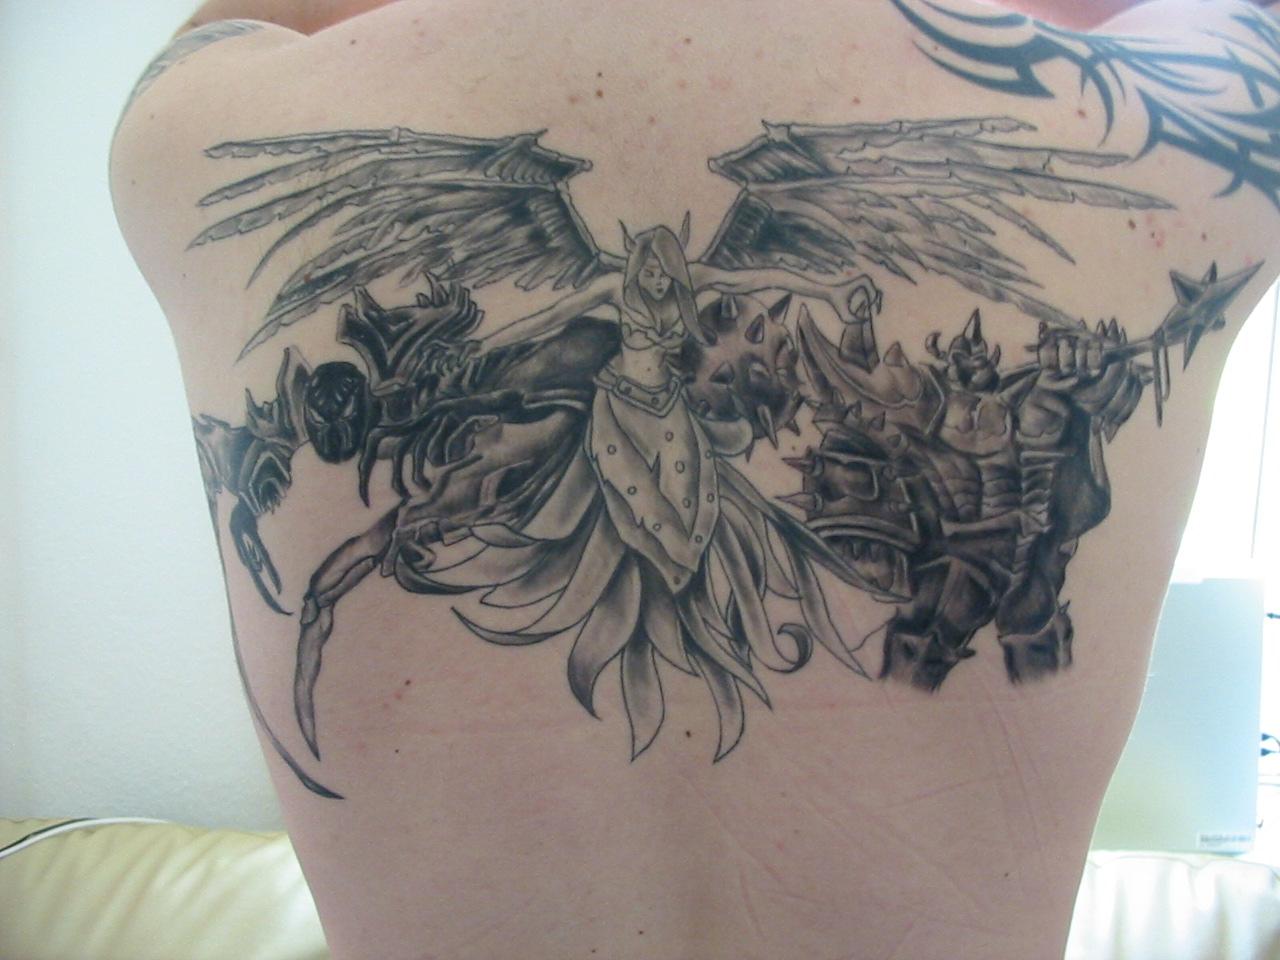 http://4.bp.blogspot.com/-NZZKw0ZipRM/UKoh8UVeFeI/AAAAAAAAAx8/9eVrOcadL7A/s1600/Tatuagem_League_of_Legends.jpg